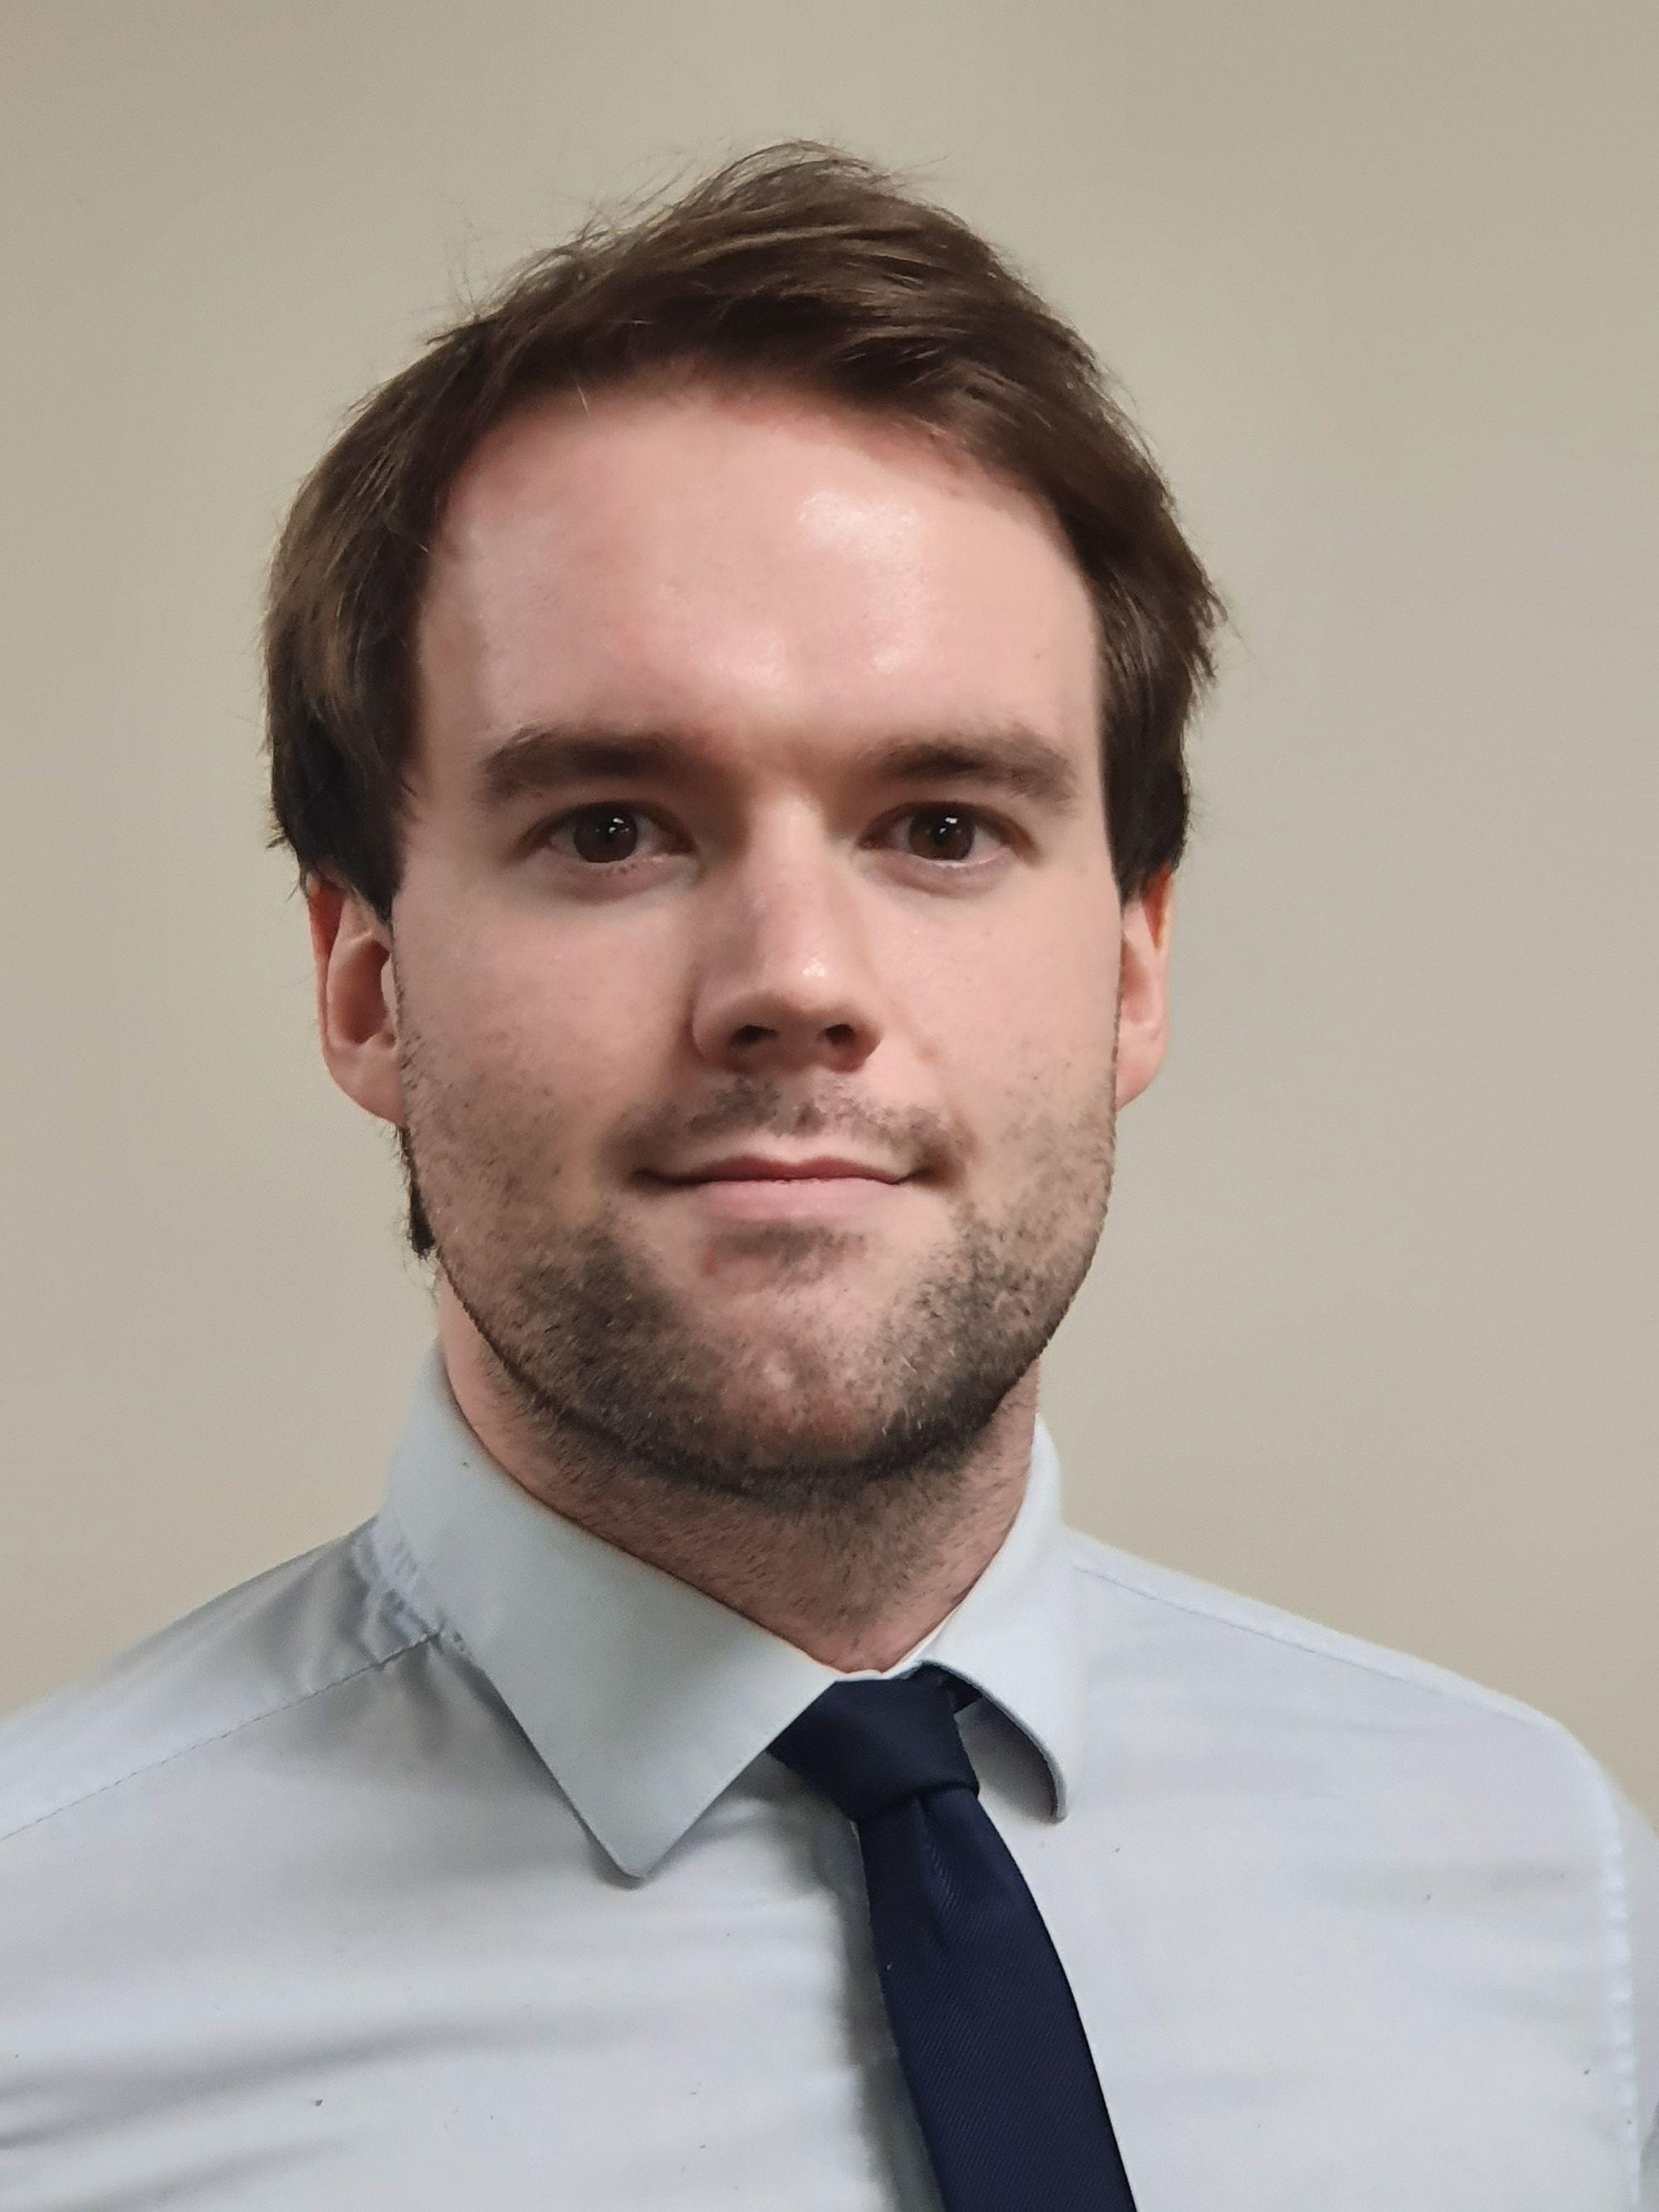 Chris Harper